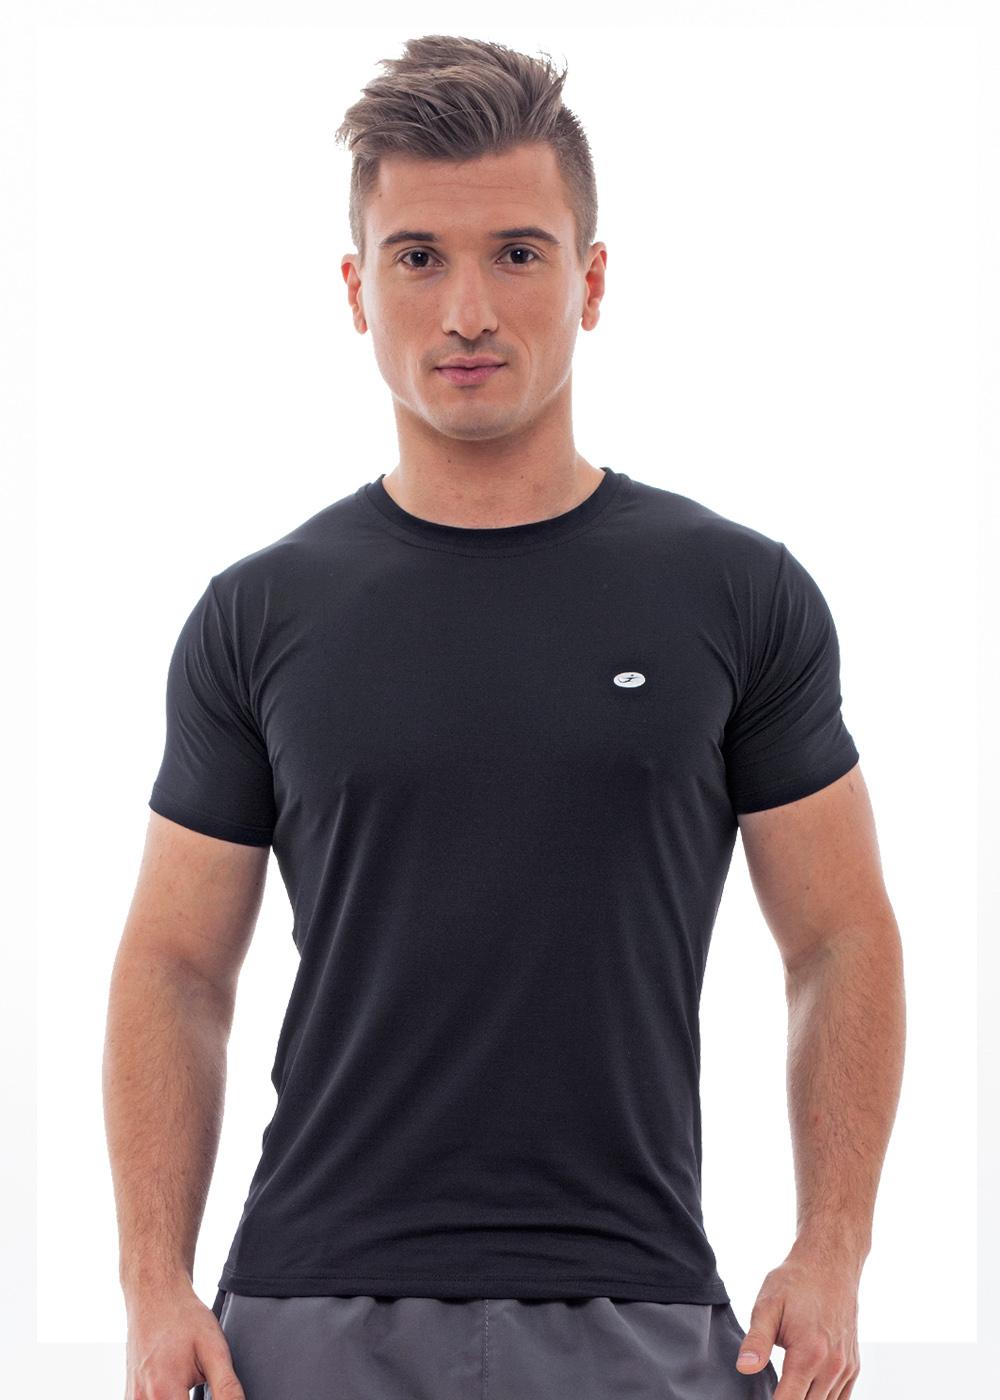 Camiseta c/ Detalhe Just Fit Preto Unissex